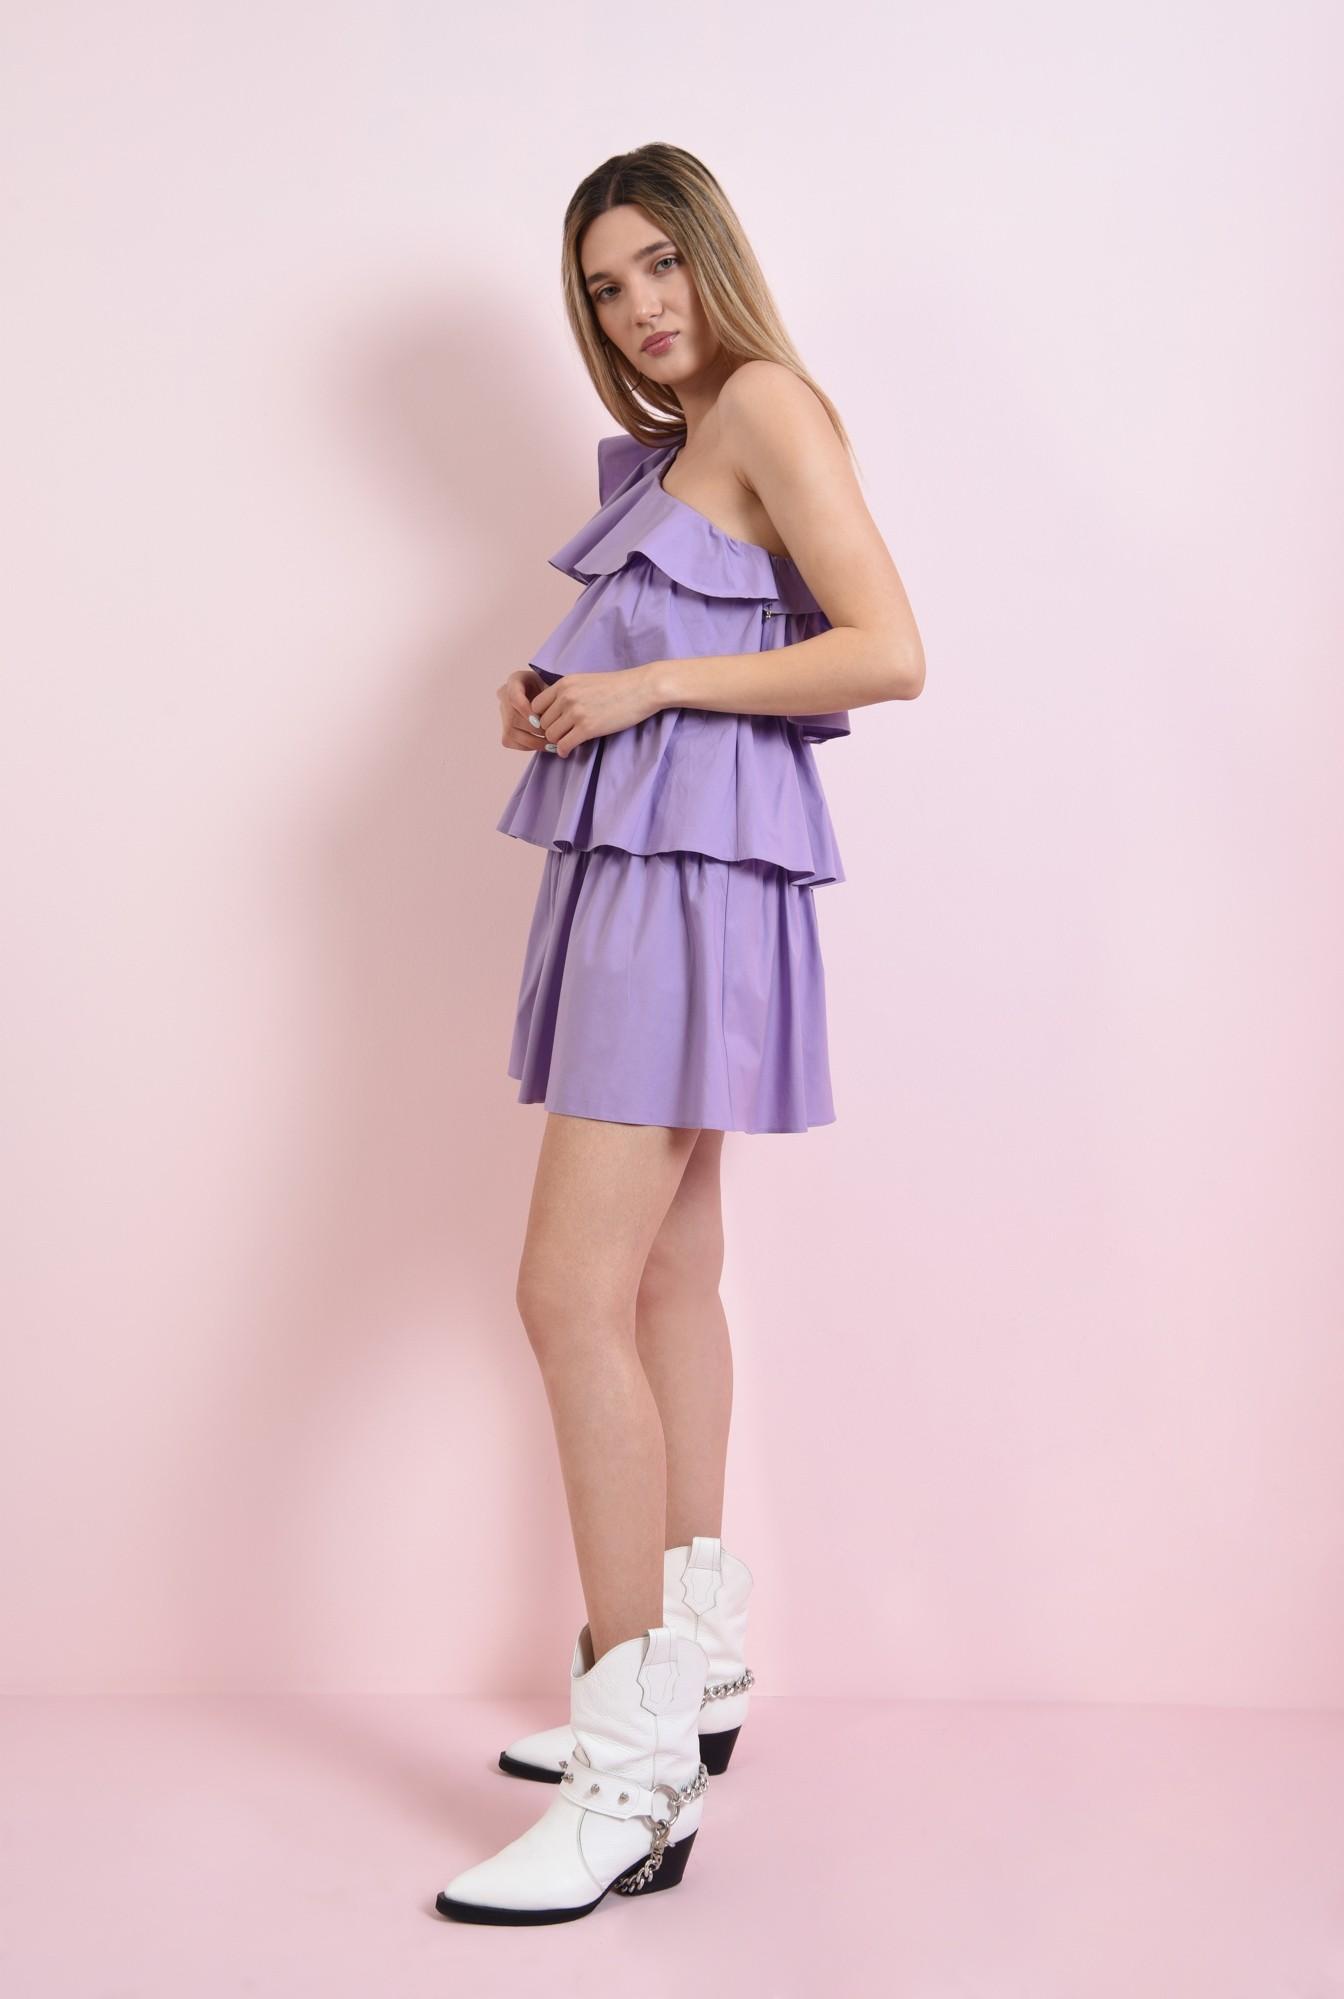 0 - rochie scurta, lila, cu volane suprapuse